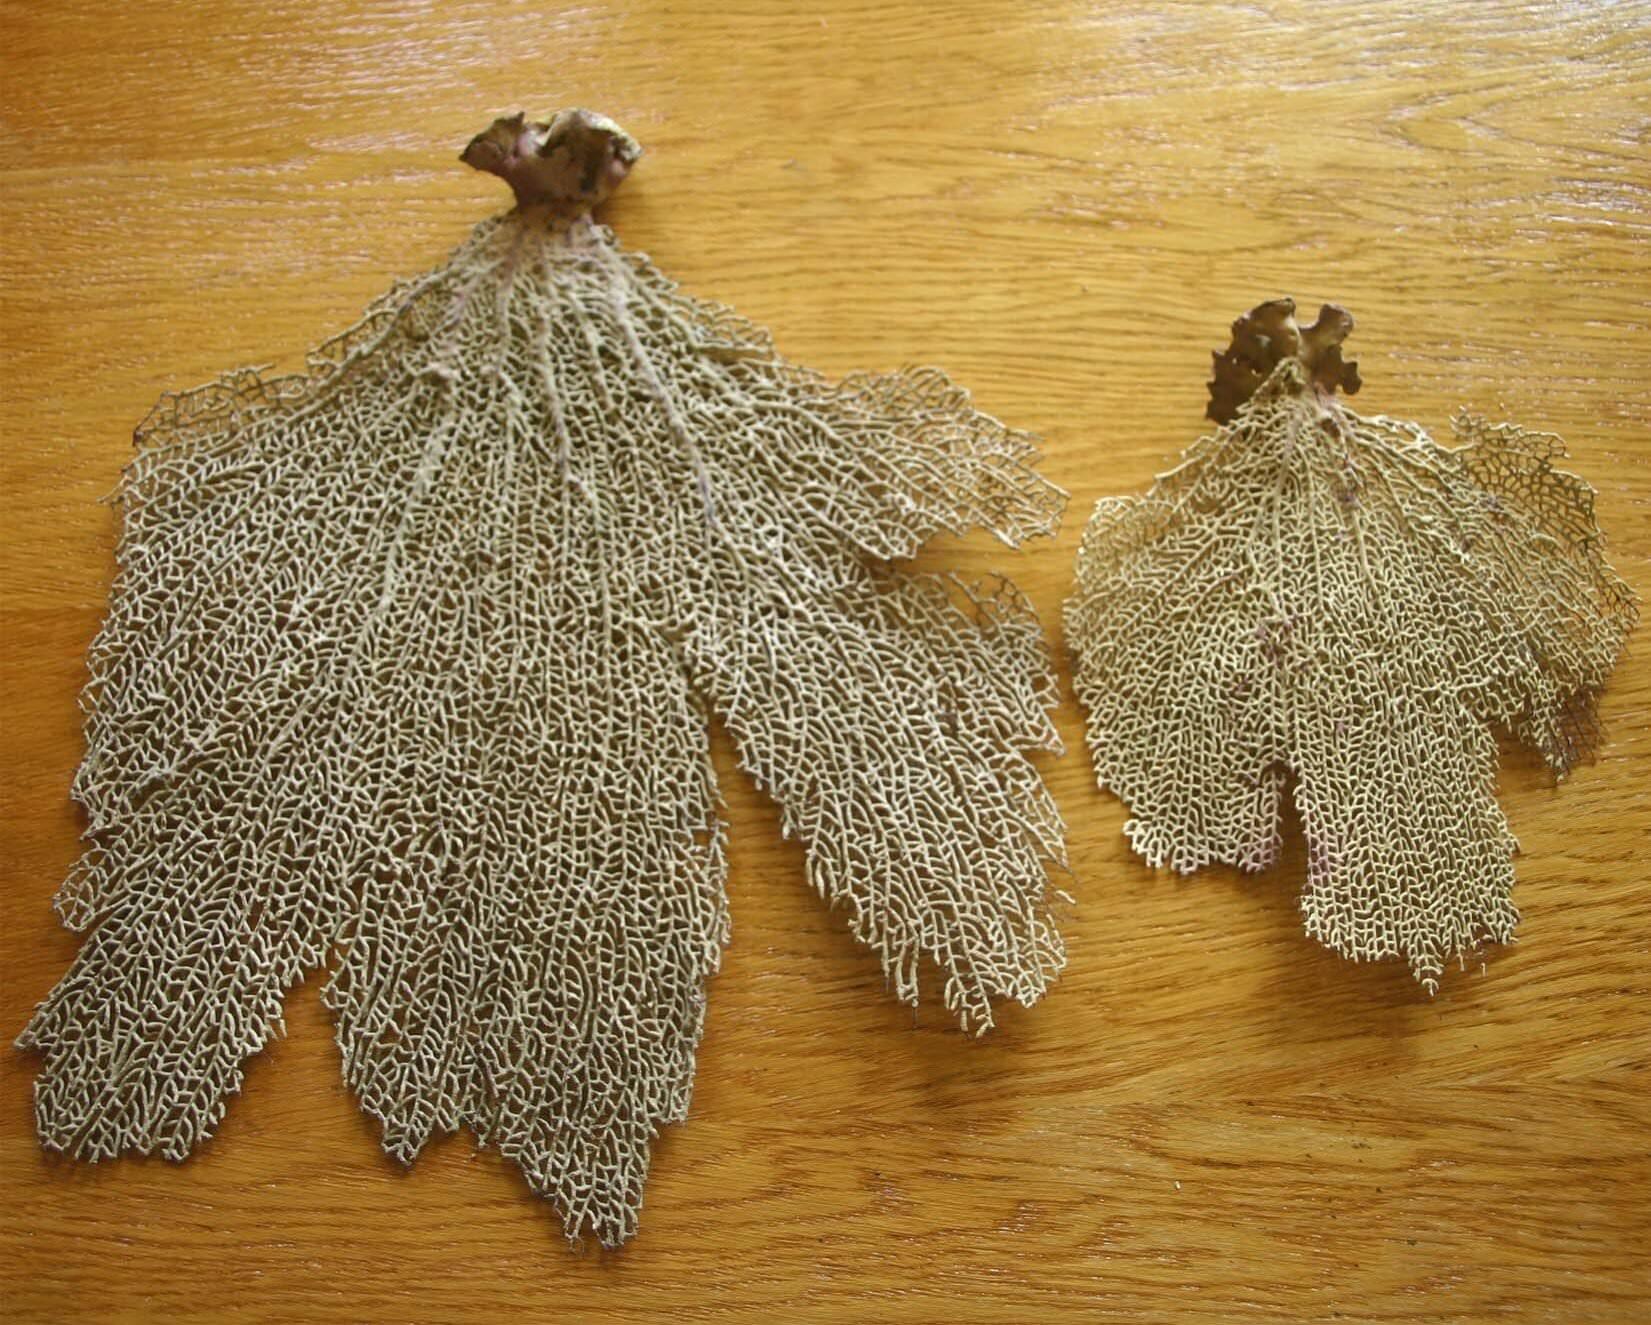 116. Коралл 12, тип Gorgonia flabellum, фото 1